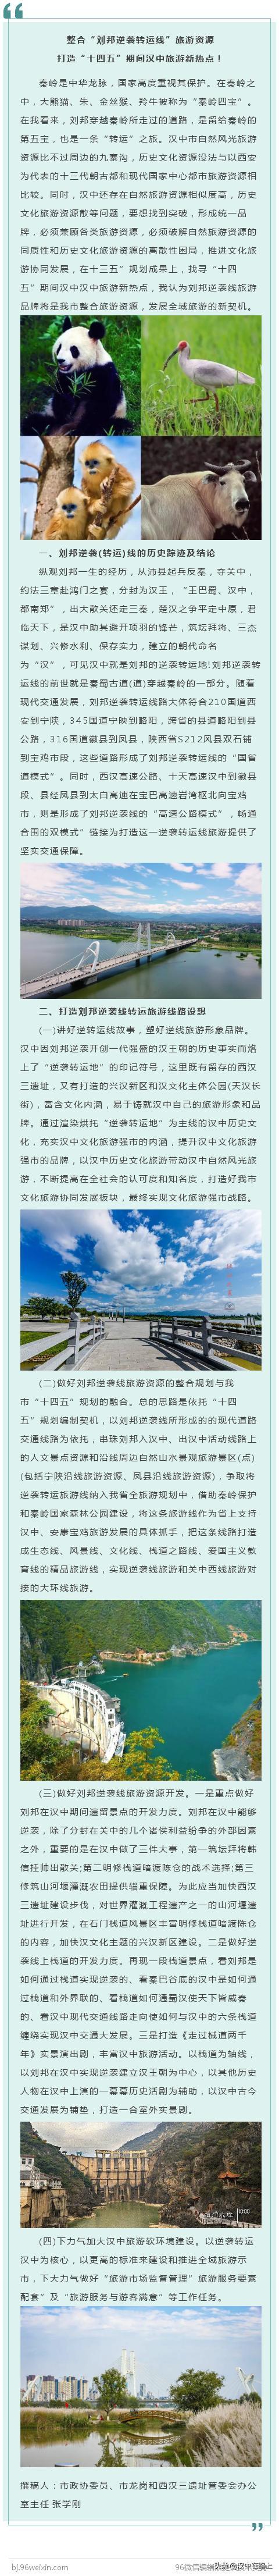 如何打造汉中旅游新热点!看看这篇文章怎么说插图